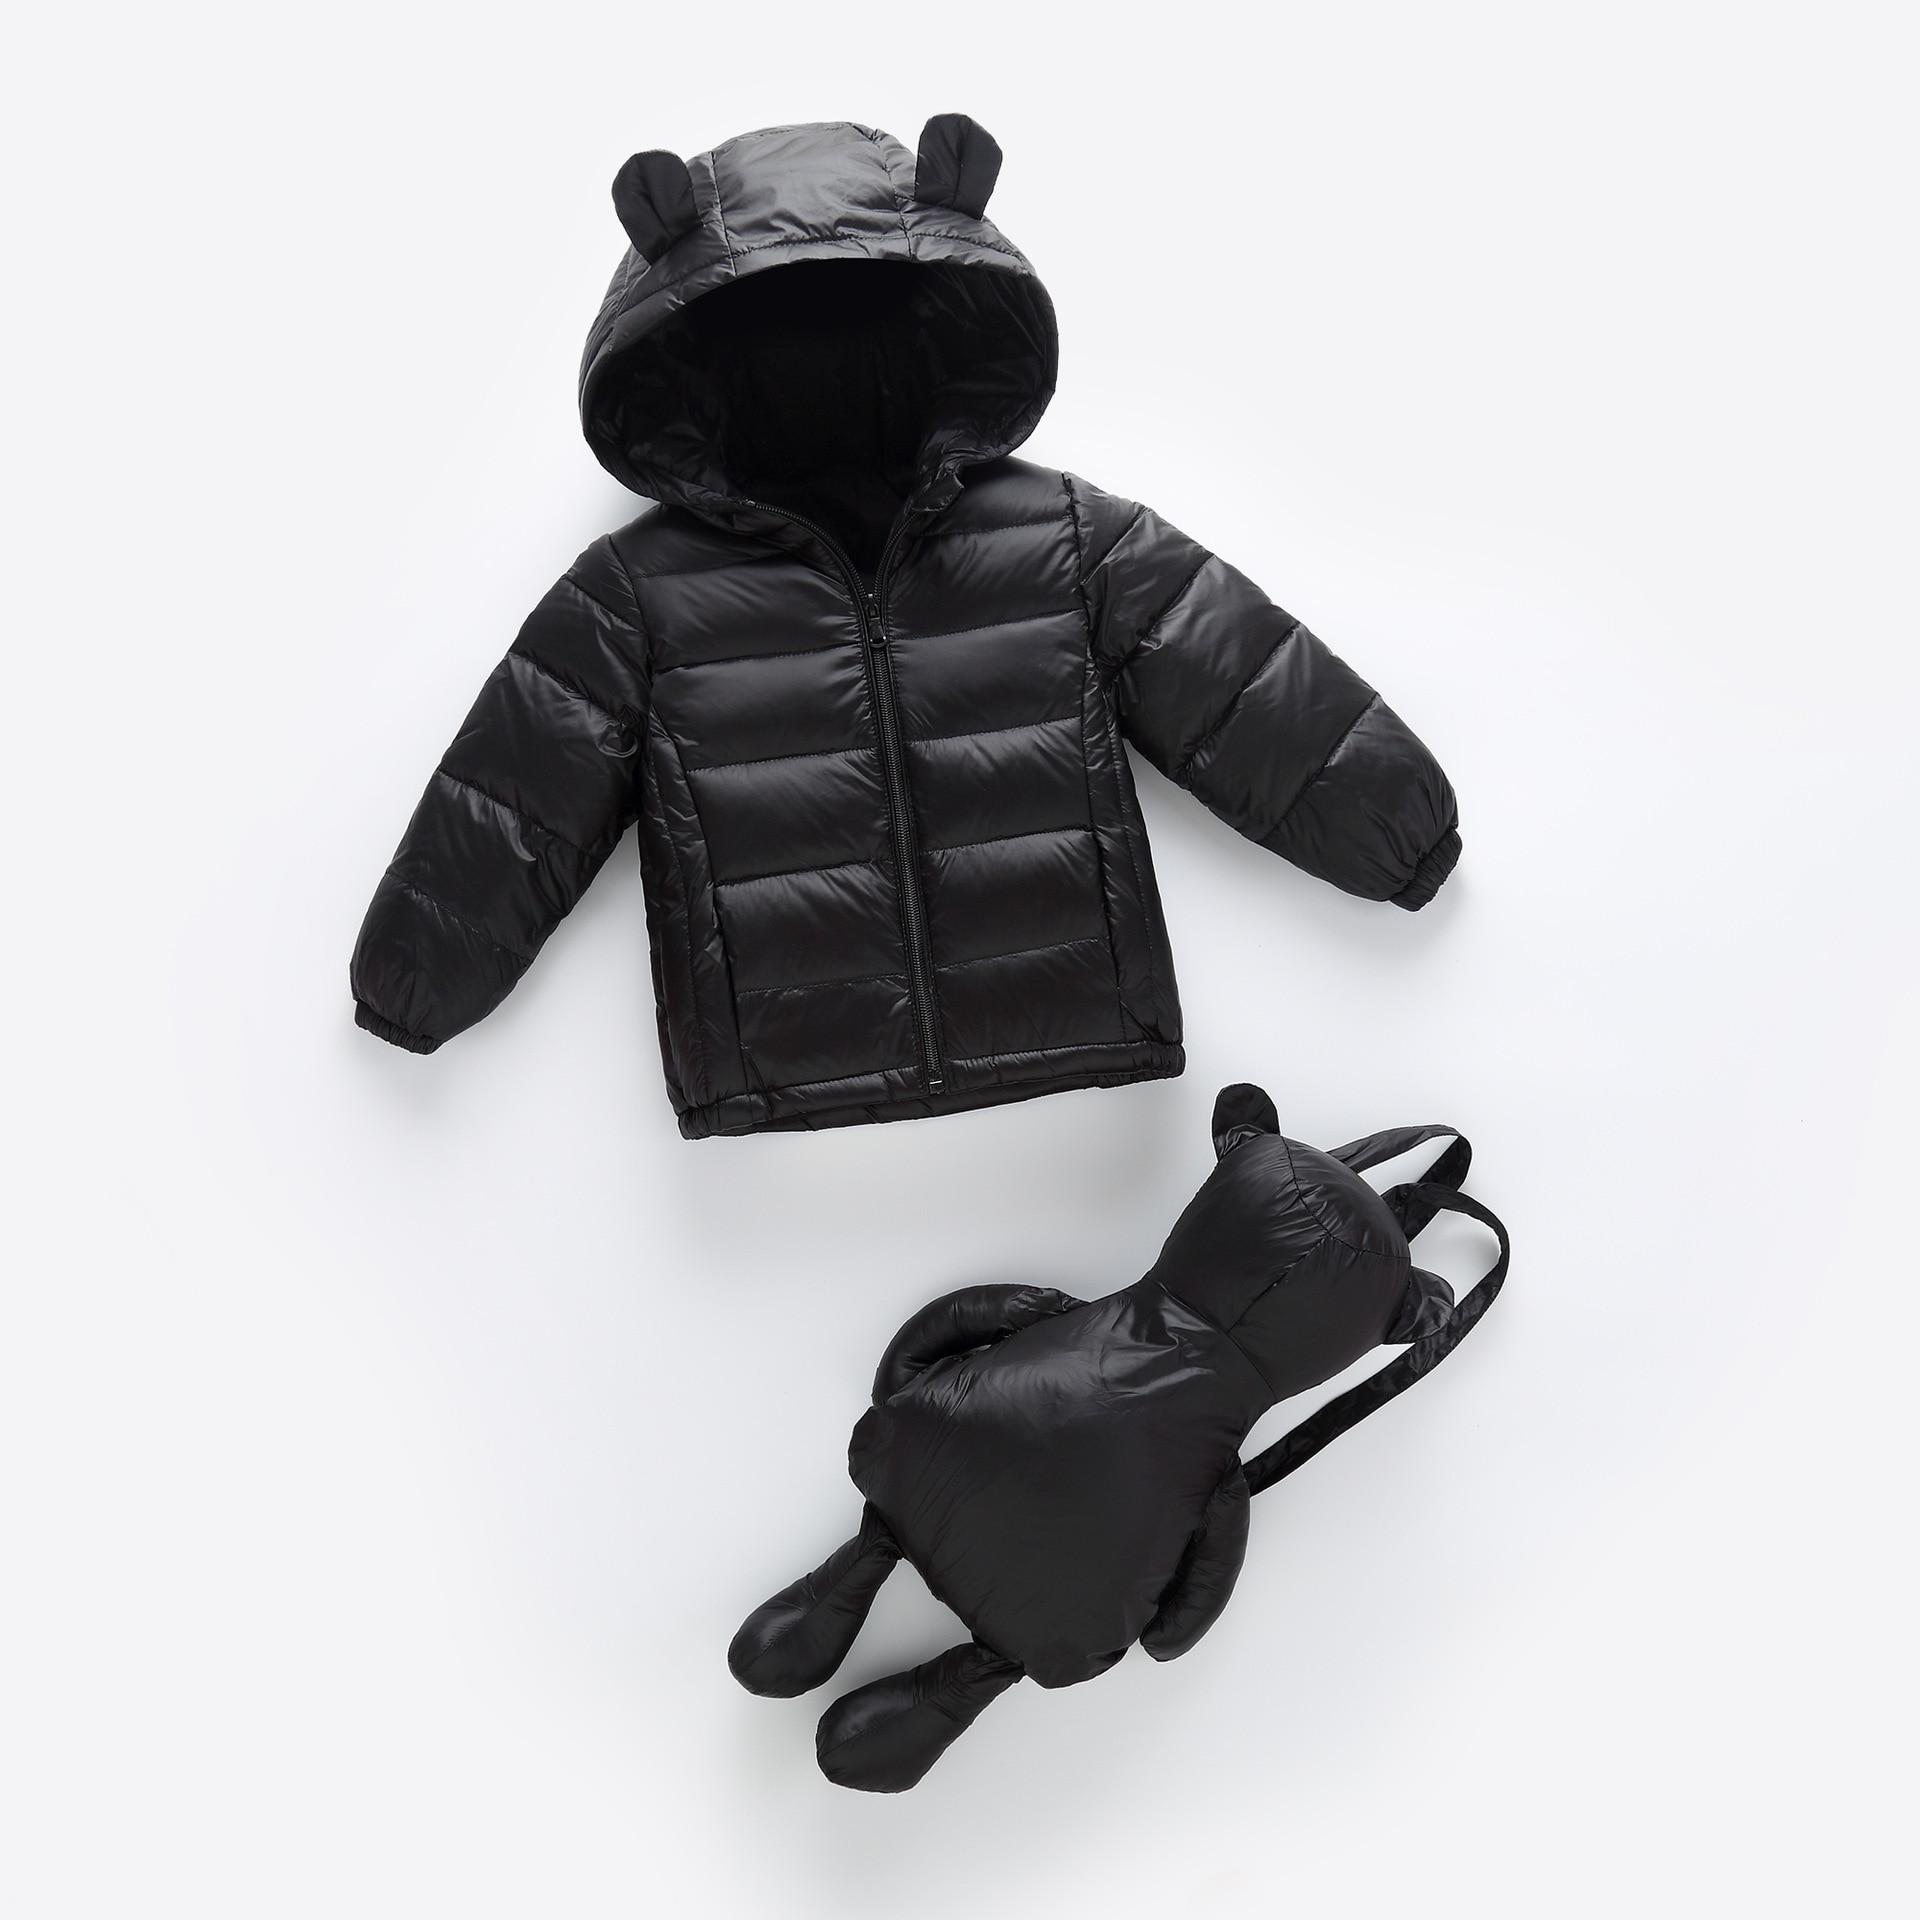 2 Stücke Mode Kinder Kleidung, Neue Marke Licht Unten Mantel Winter Jacke Für Mädchen Jungen Teenager Jacke + Tasche Kinder Kaninchen Ohren Kleidung AusgewäHltes Material